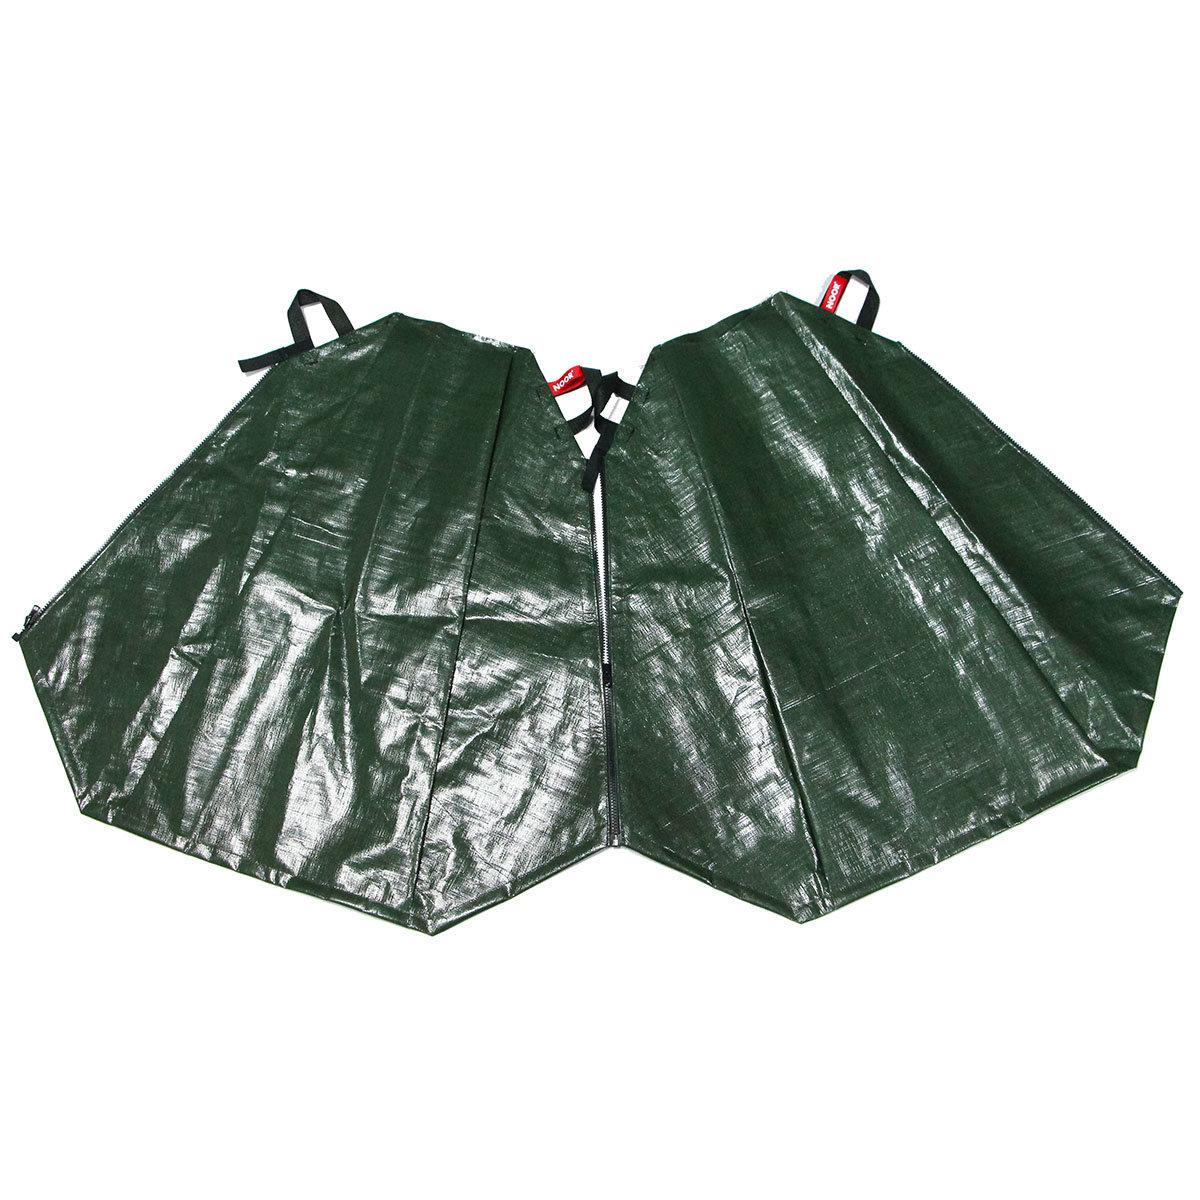 Frogbag Wassersack 75 l | #3